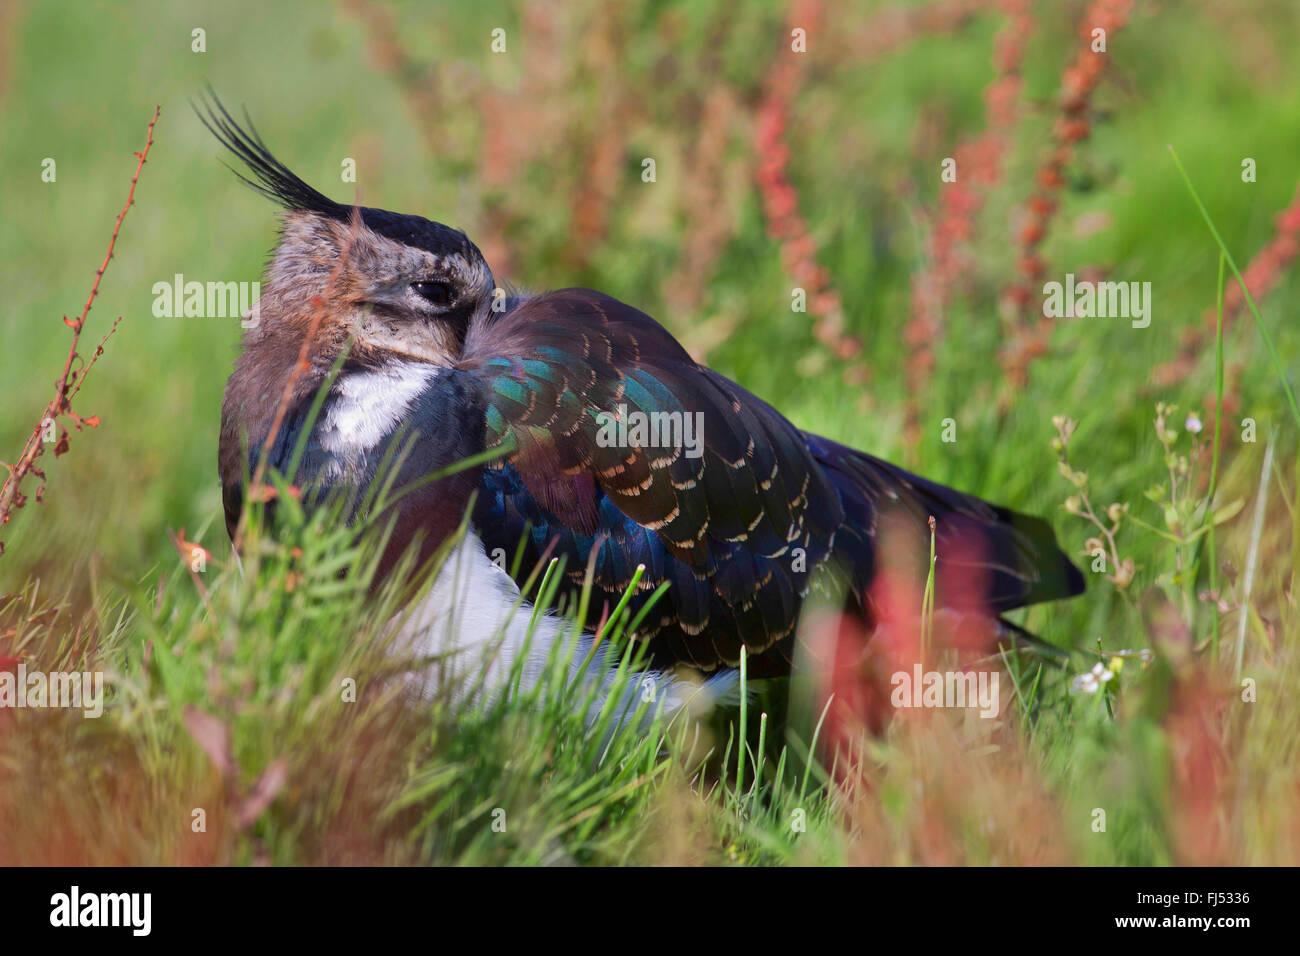 nördlichen Kiebitz (Vanellus Vanellus), ruht Altvogel in Eclipse Gefieder, Seitenansicht auf Rasen, Deutschland, Stockbild